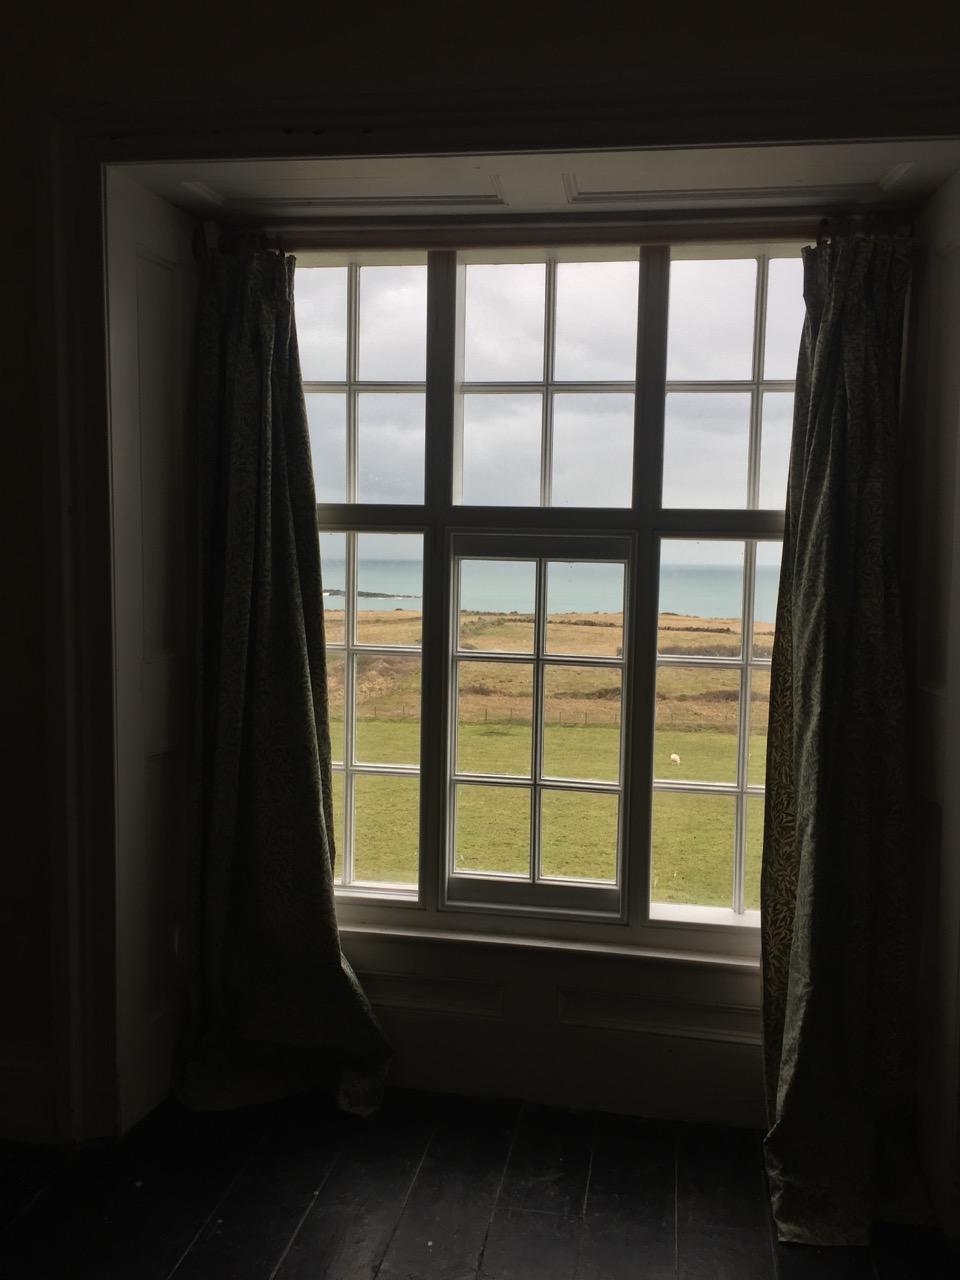 Golygfa ystafell wely | Views west